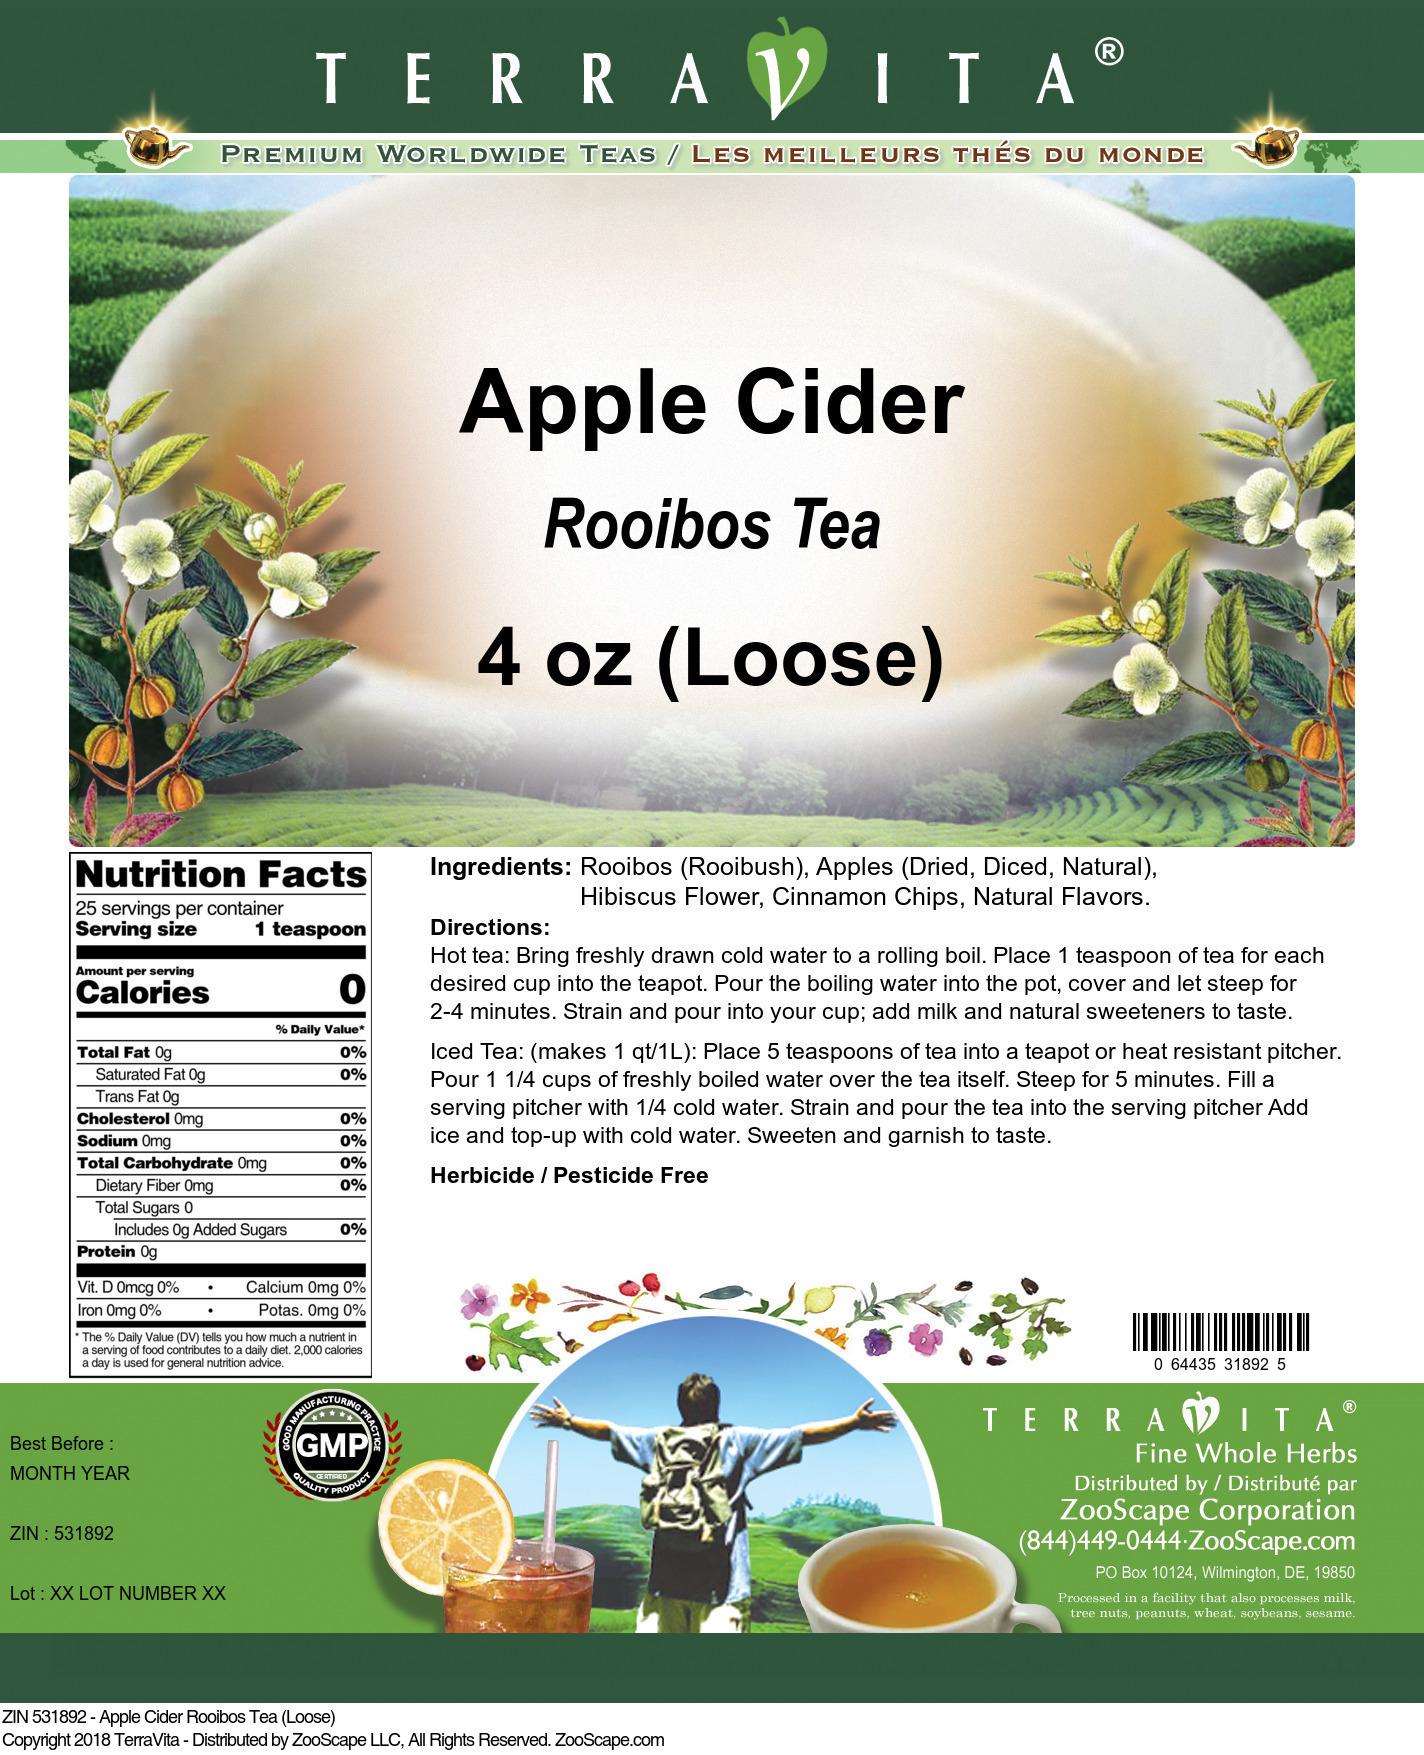 Apple Cider Rooibos Tea (Loose)